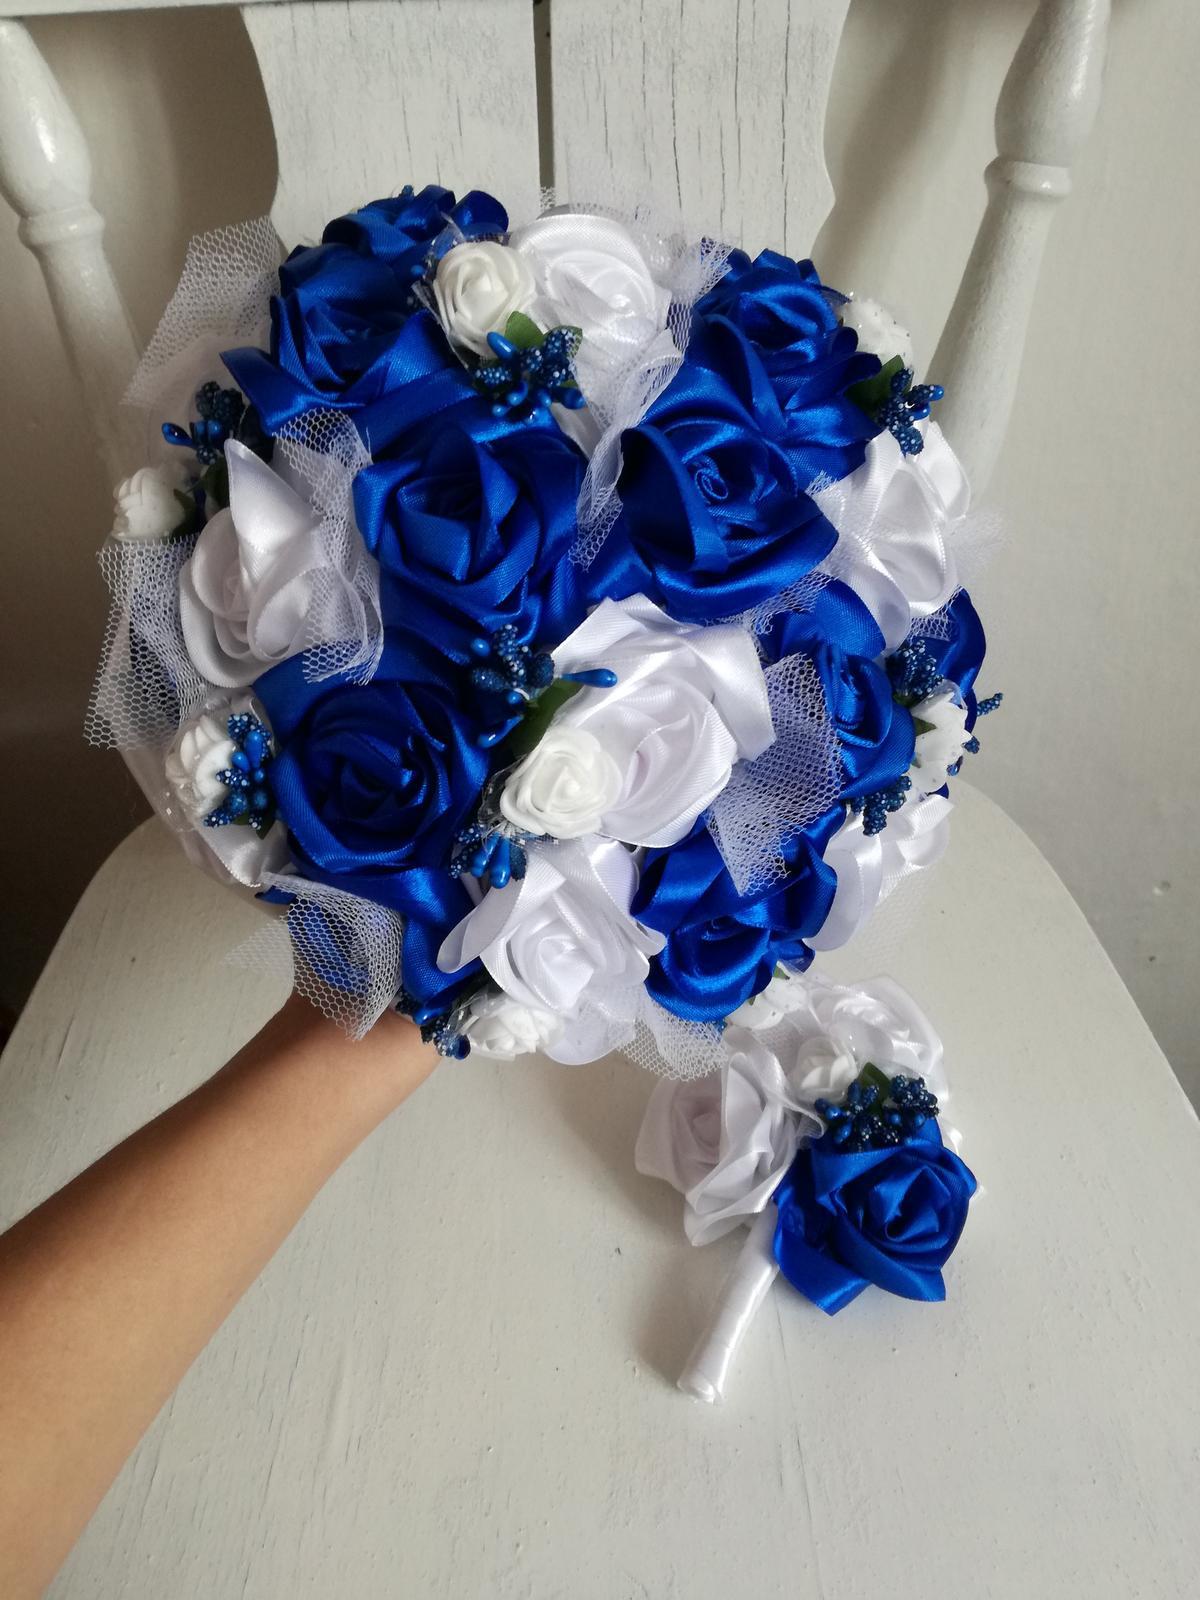 Bielo-modrá kytička,pošta v cene - Obrázok č. 1